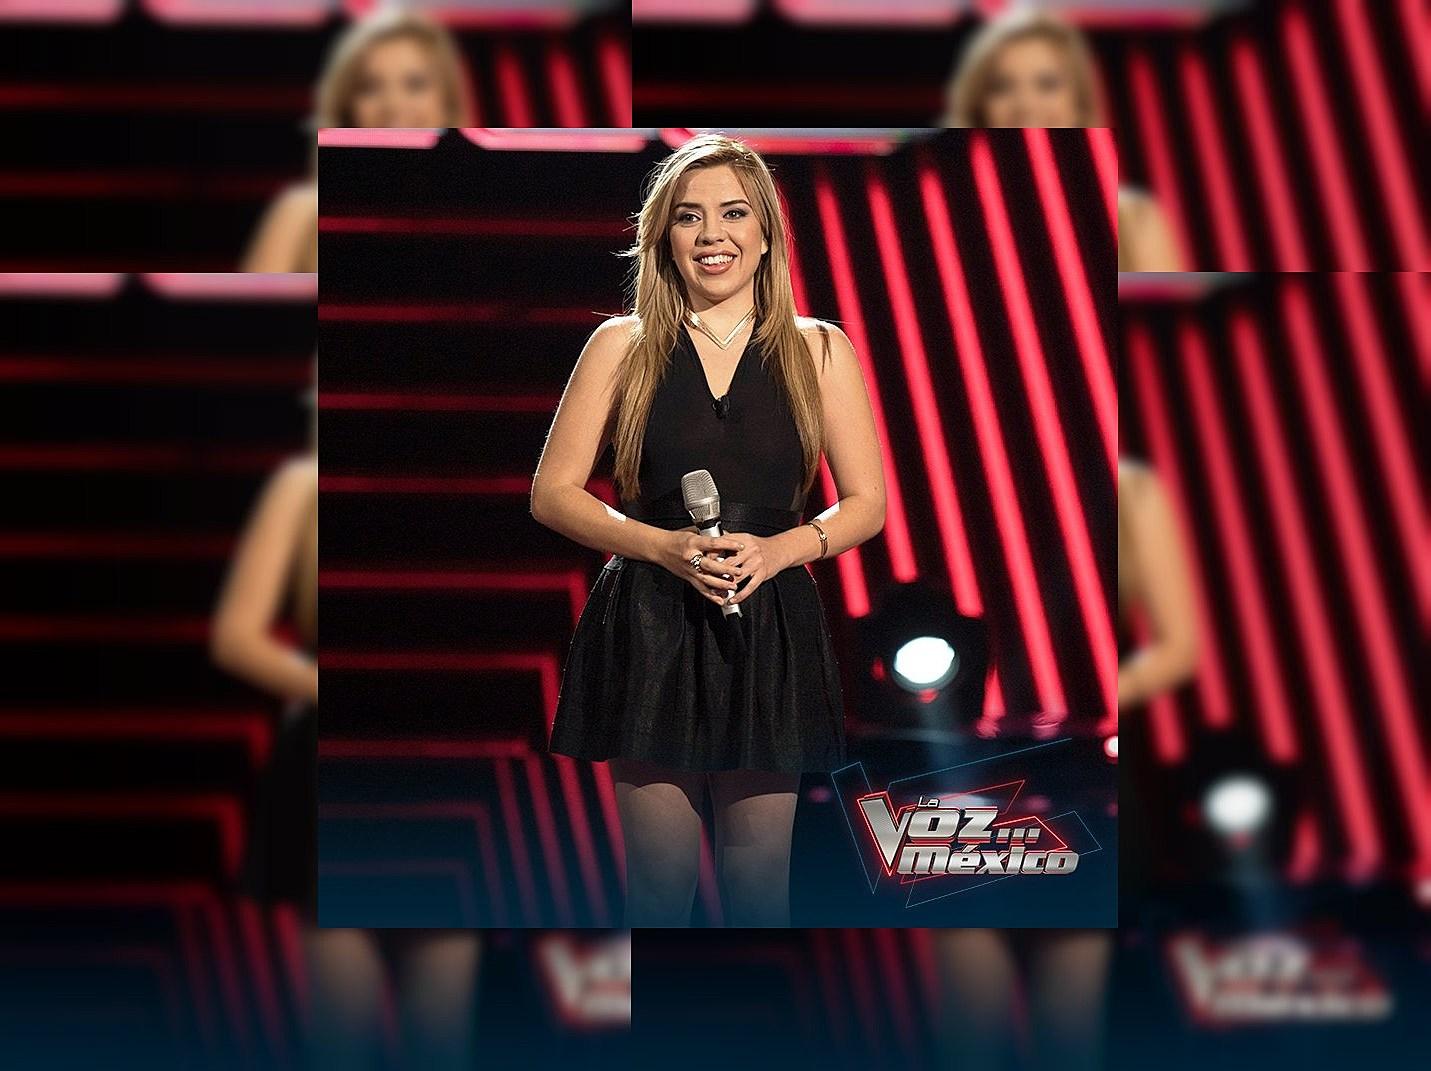 El Pasoan Makes it Past Blind Auditions on 'La Voz Mexico'